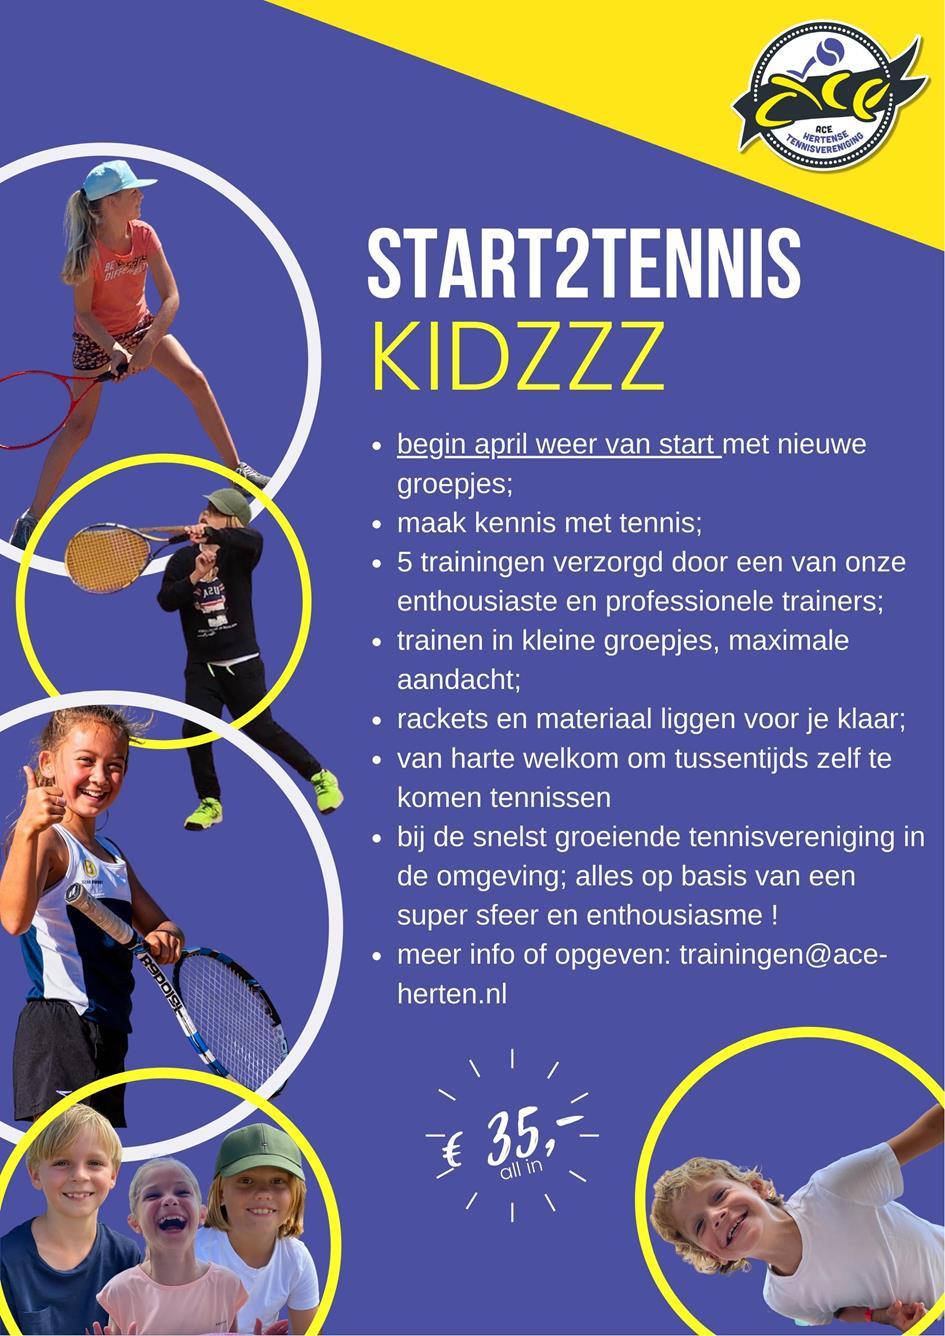 Flyer start 2 tennis kidzz 1.jpg